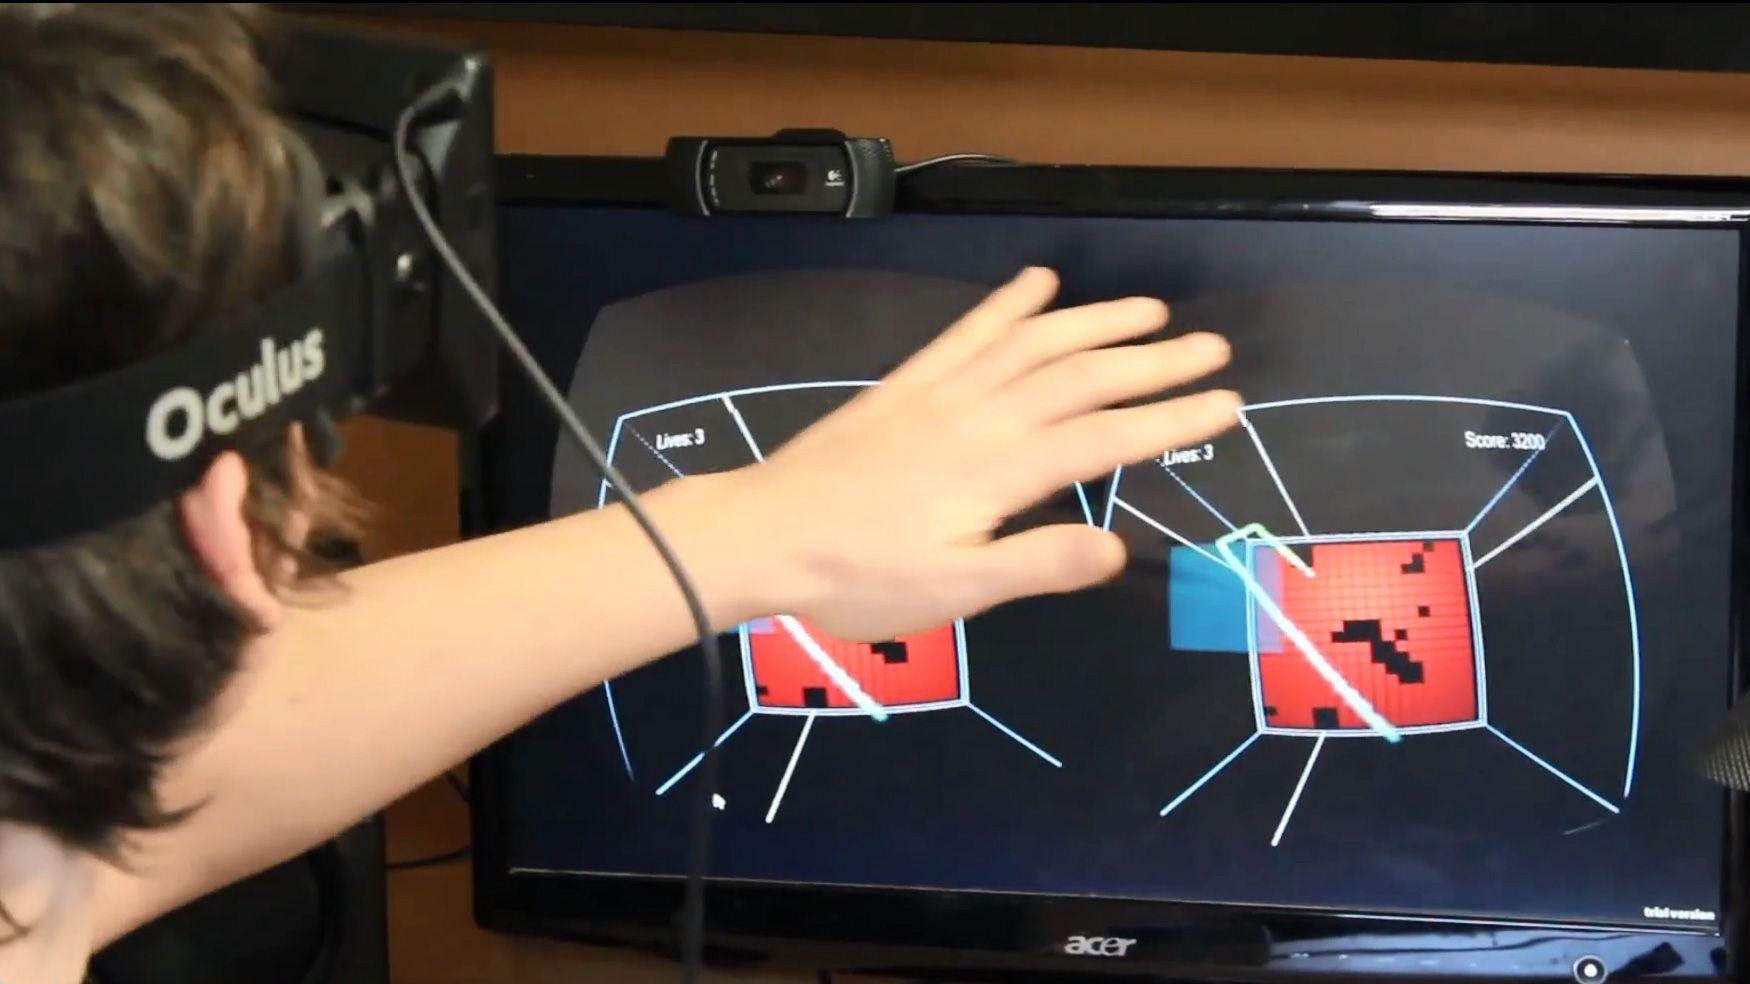 Hevder Oculus Rift kan helbrede skjeling